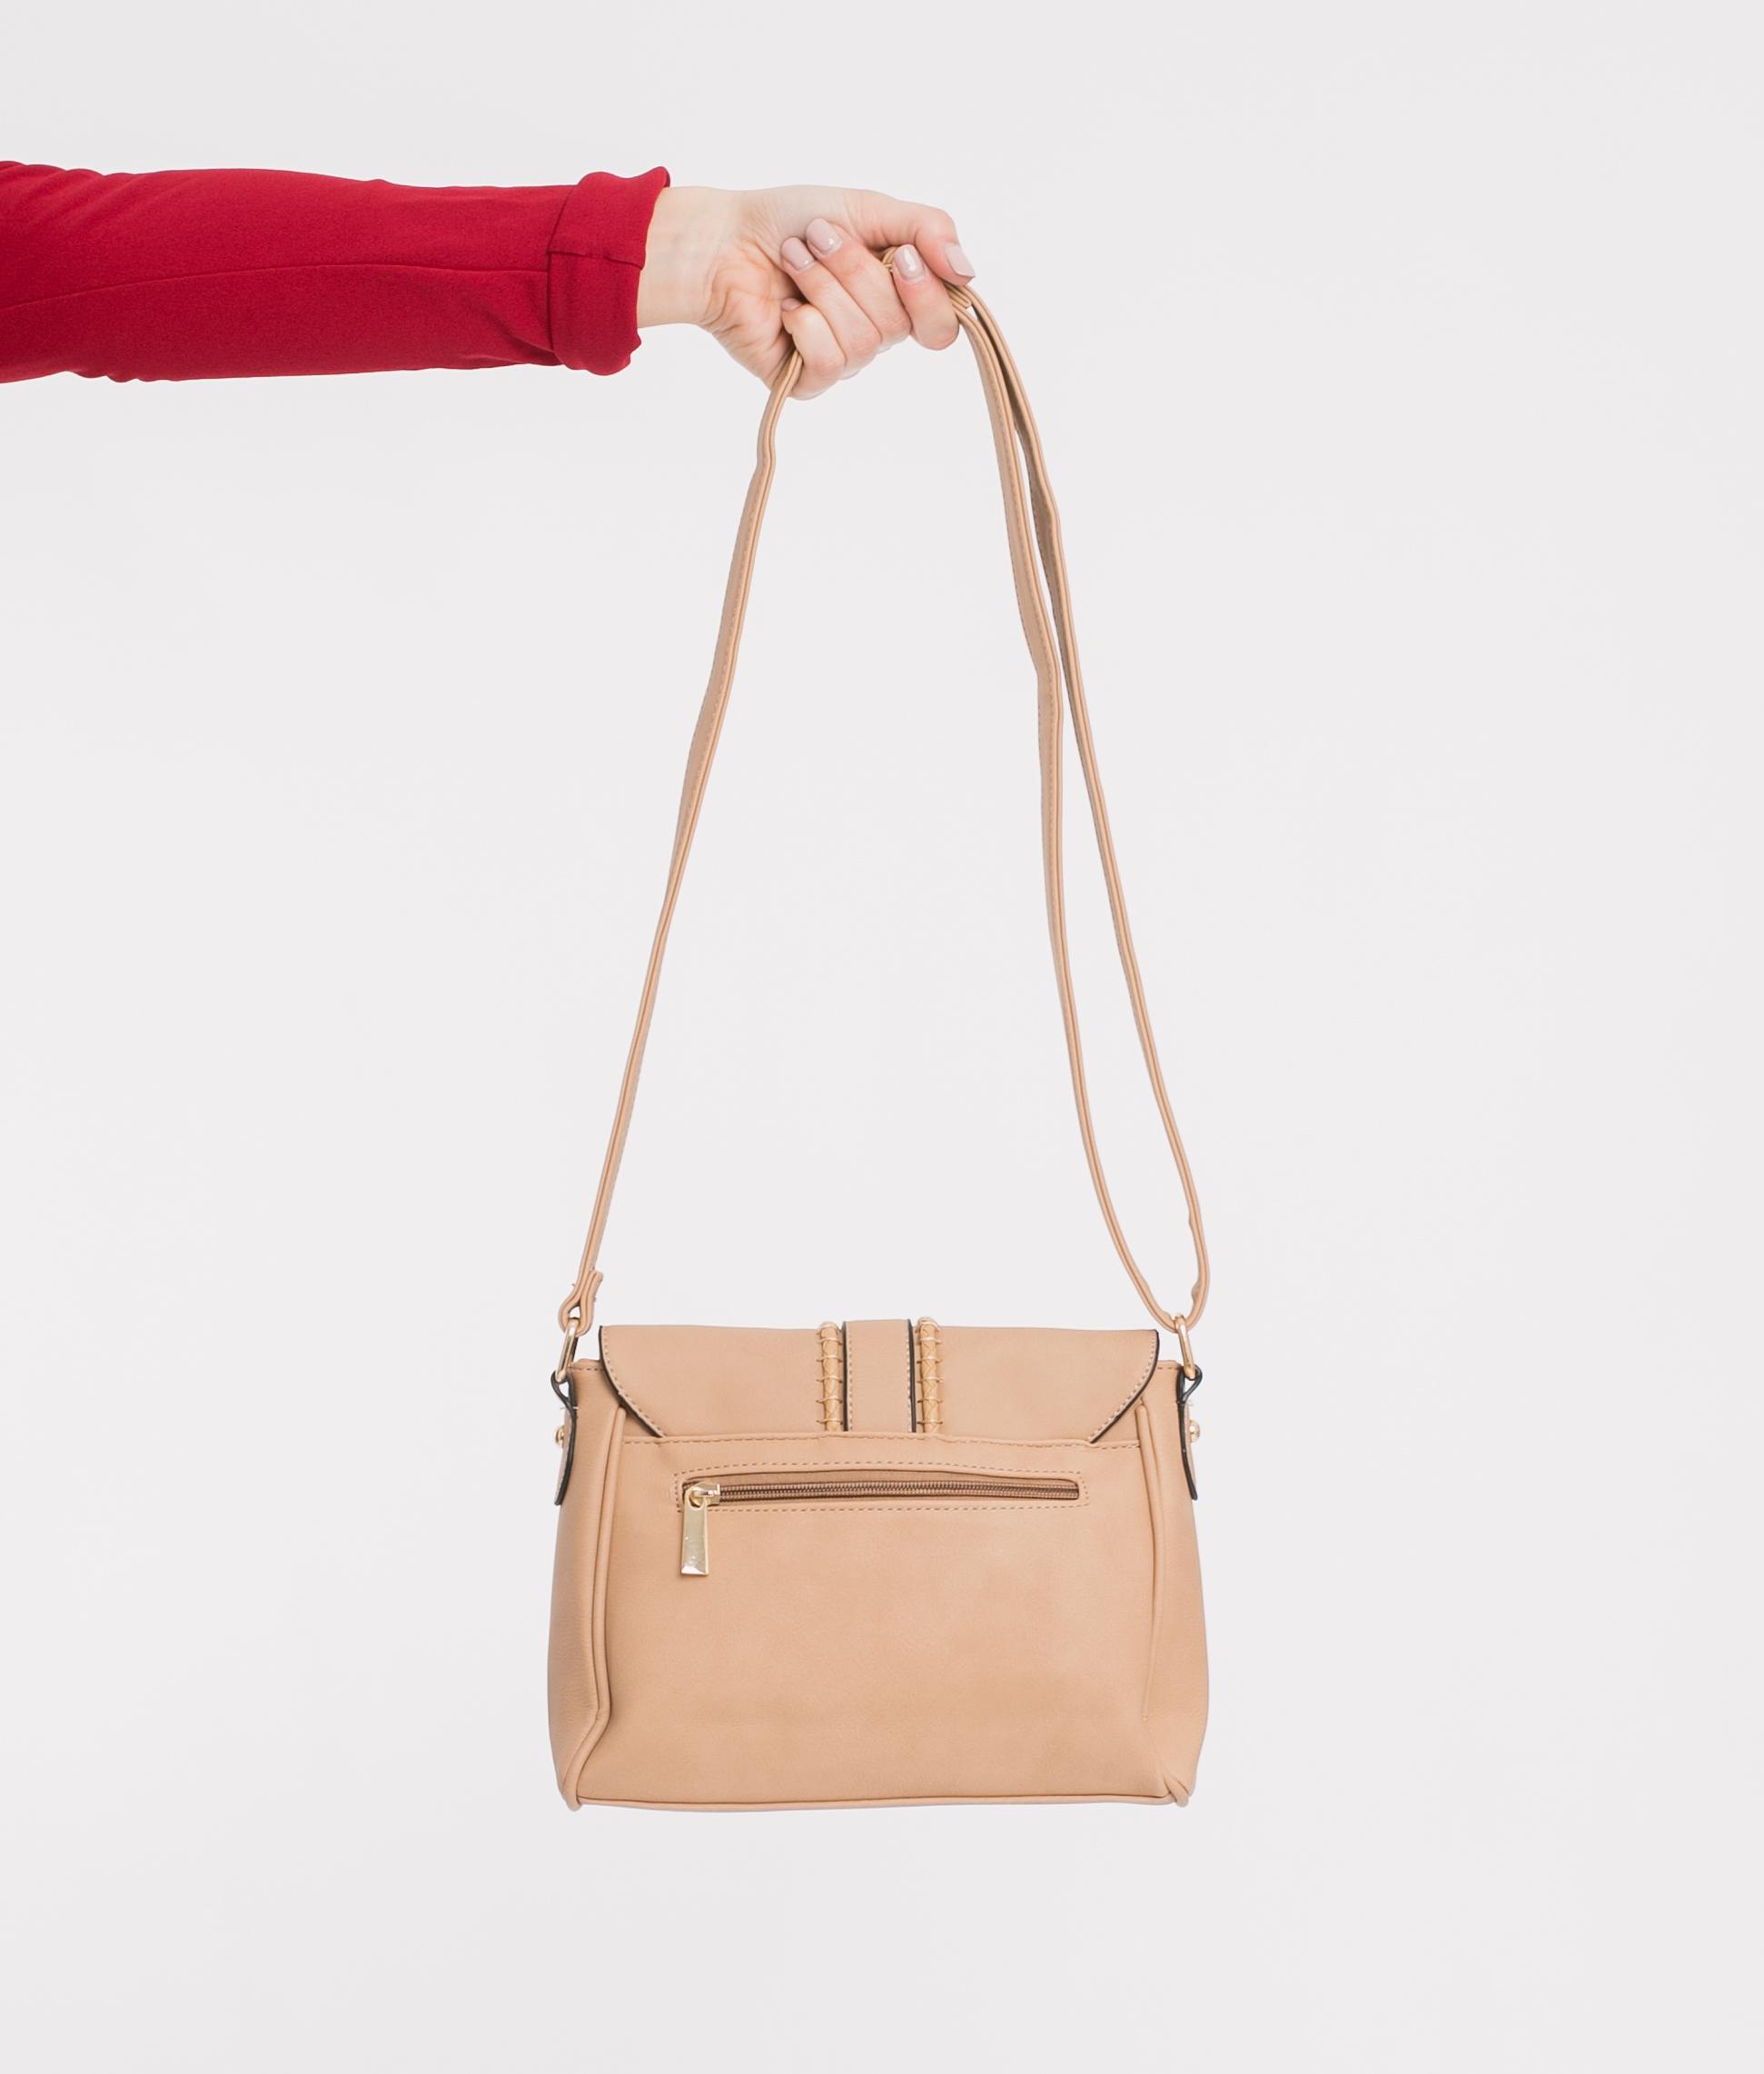 Bag Nagore - Beige